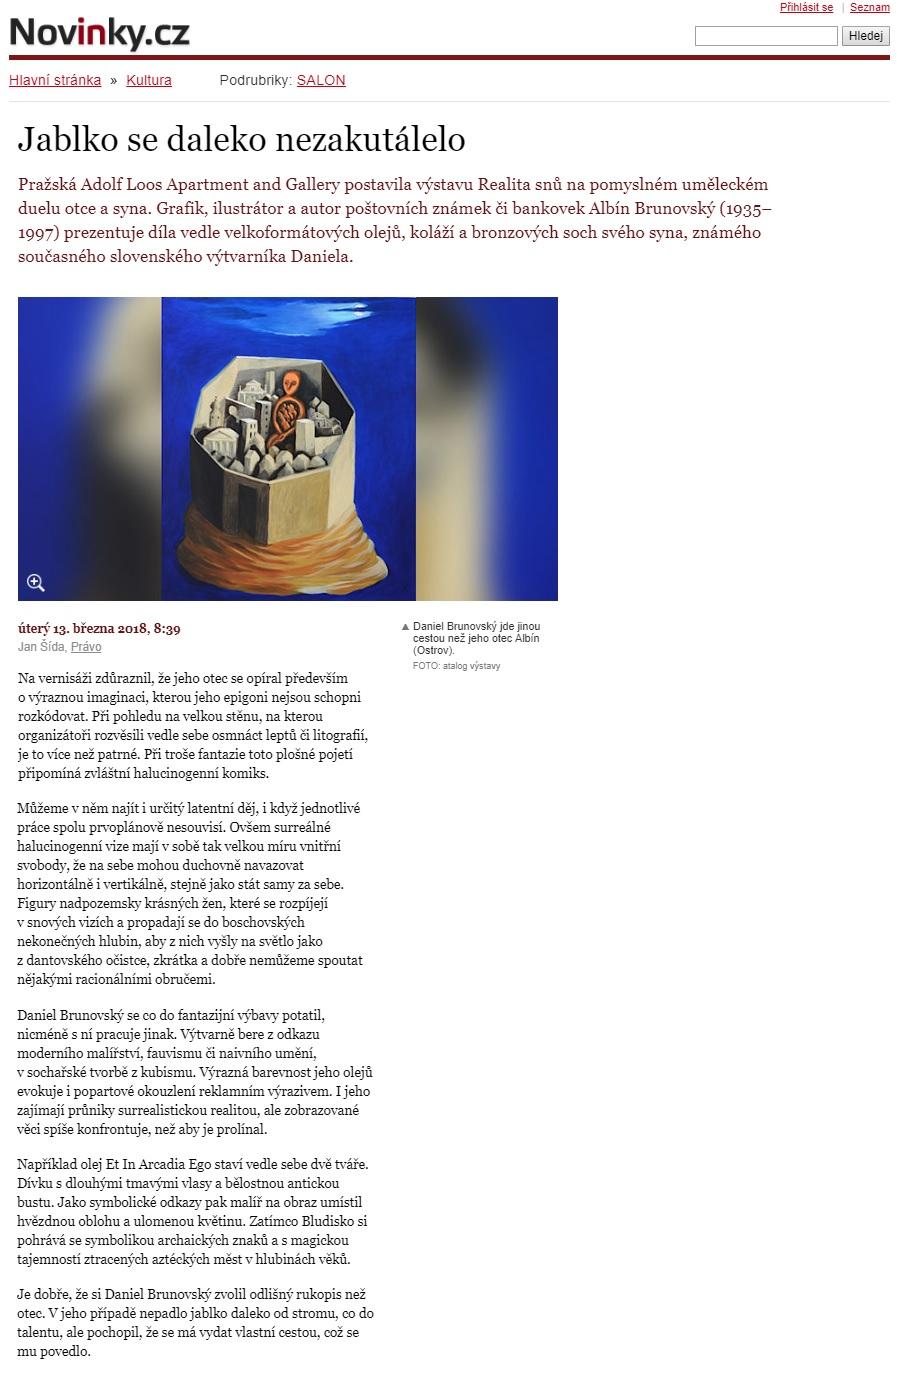 Novinky.cz, 13.3.2018